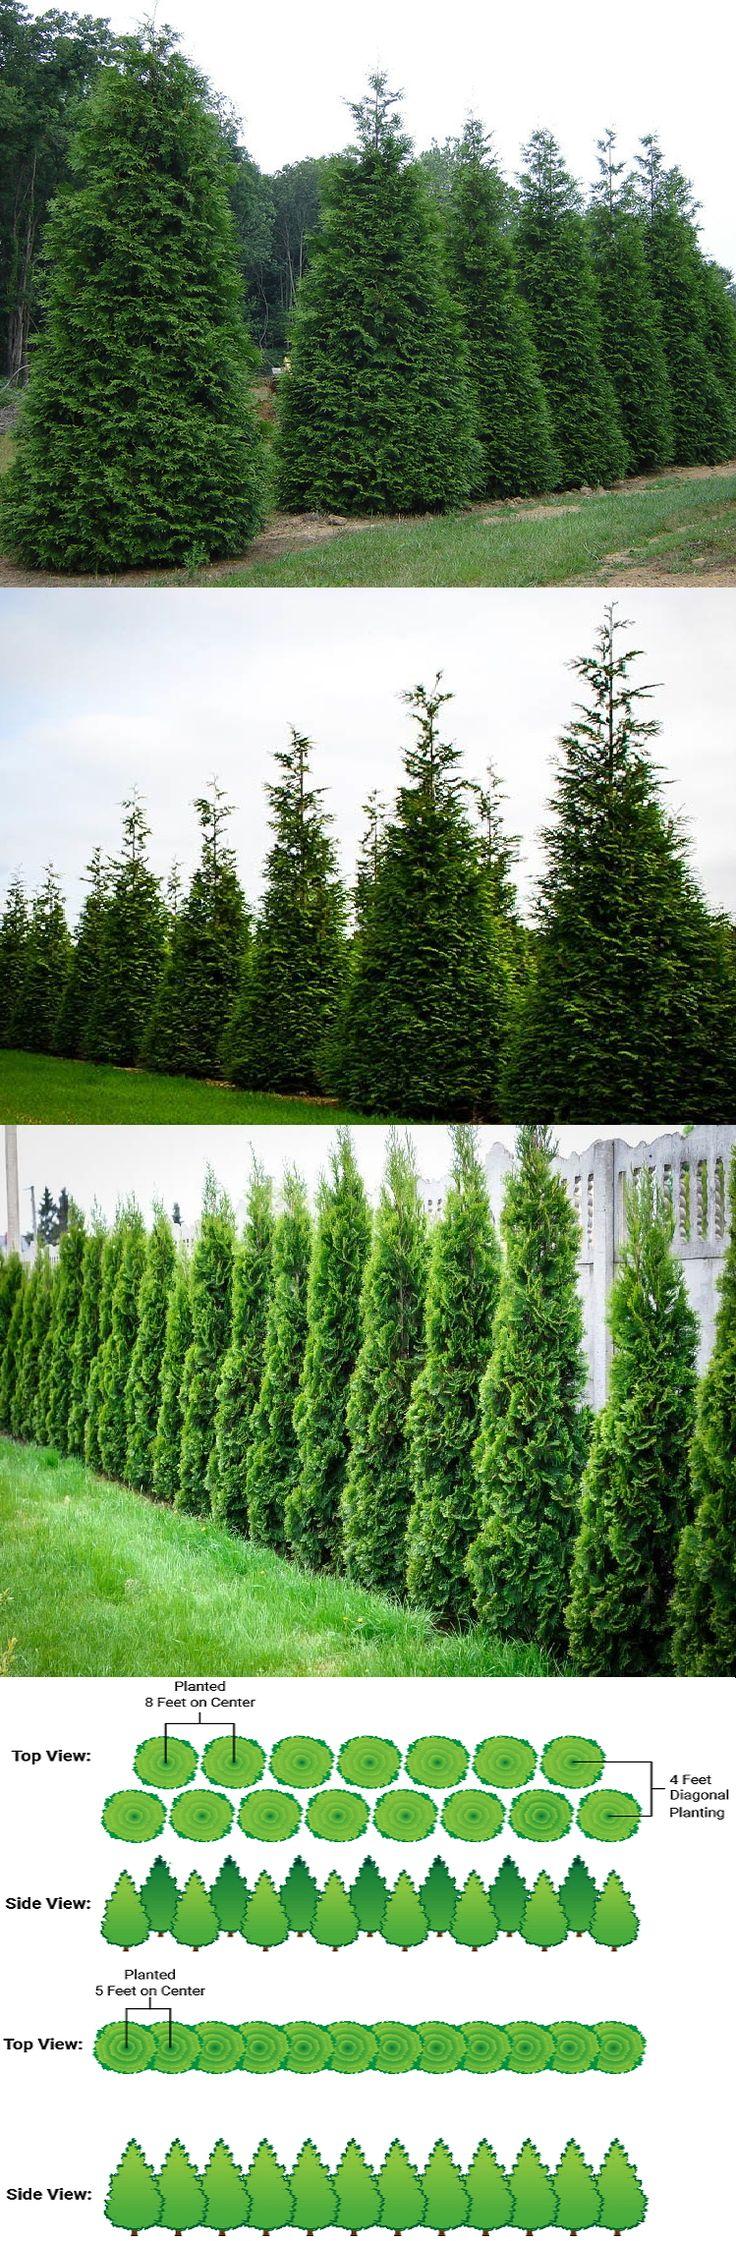 Best shrubs for full sun and privacy - Pyramidal Arborvitae For Left Corner Of House Landscaping Pinterest Emerald Green Arborvitae Tall Shrubs And Shrub